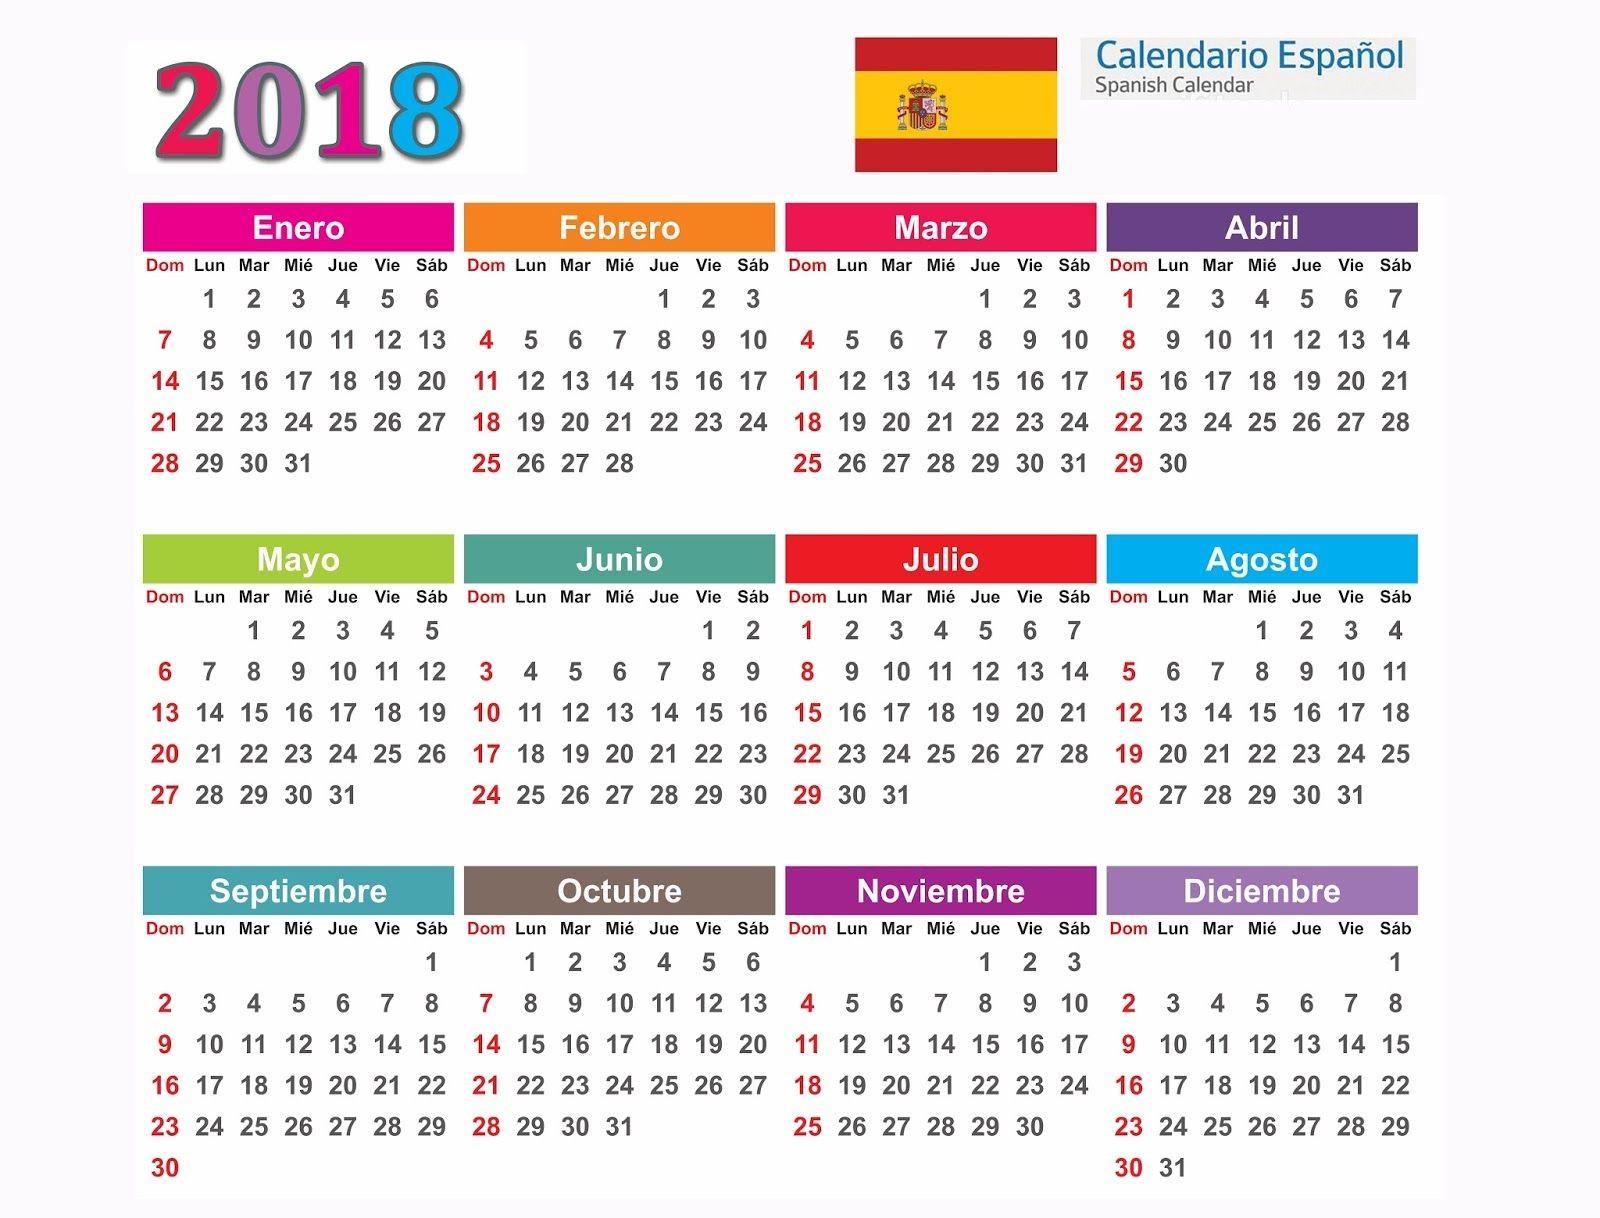 Calendário Escolar 2019 Xls Más Recientes Partilhando Ideias Calendrio 2018 Calendrio T